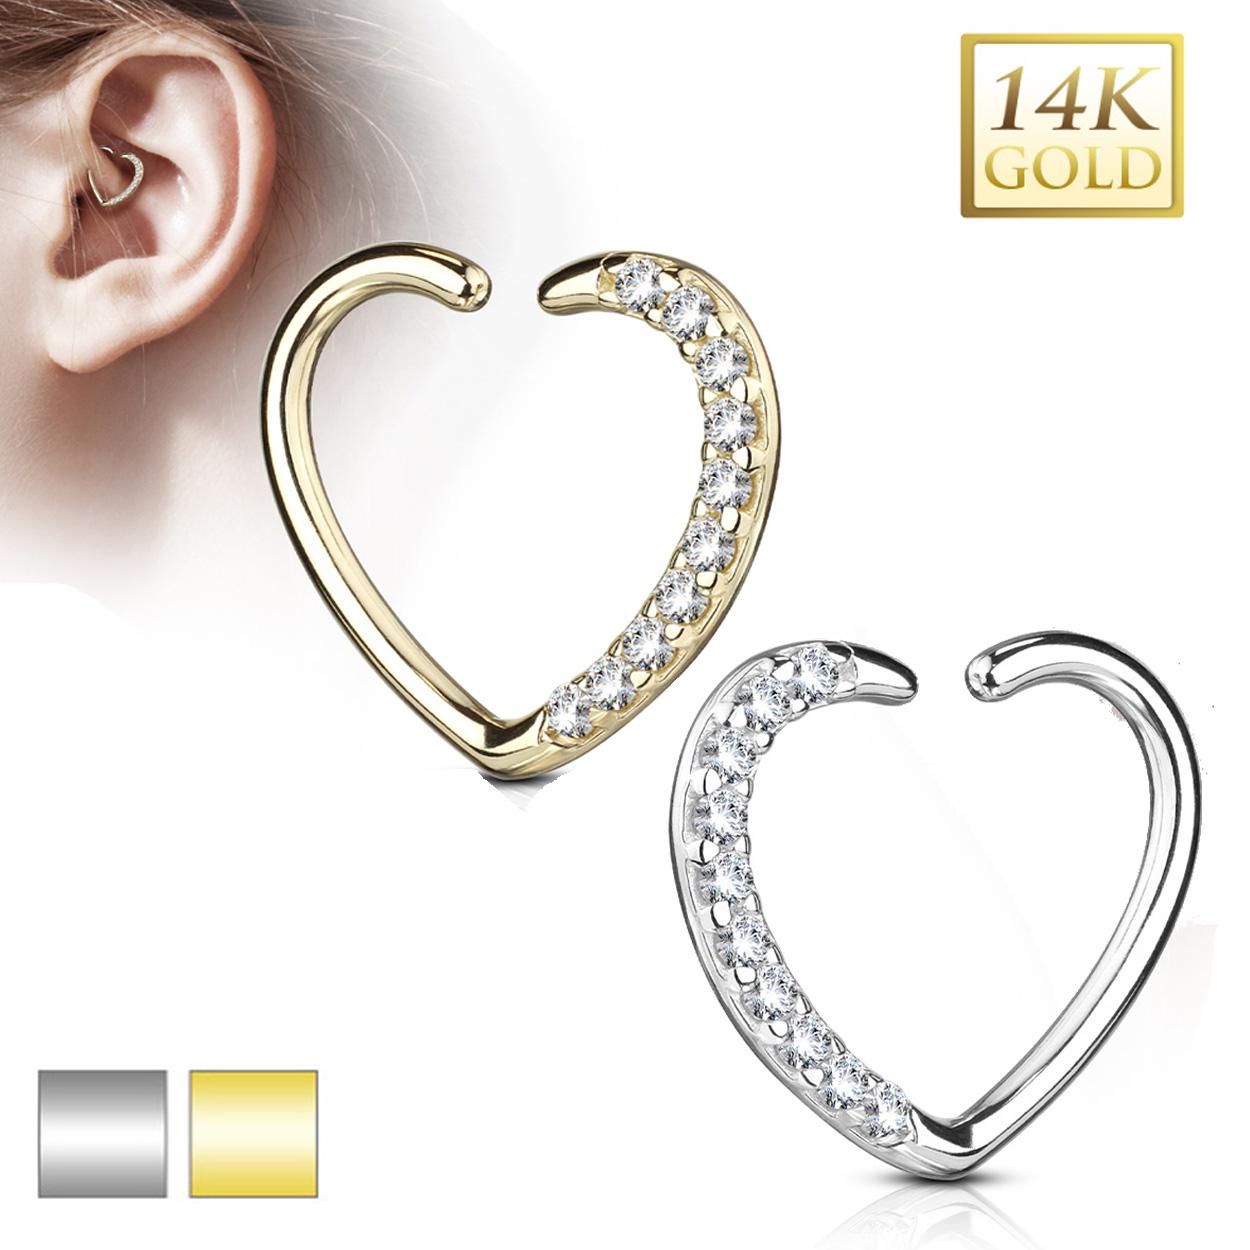 Echt Gold 585 14 Karat Herz Schmuck Ohr Piercing Ring Cartilage ...